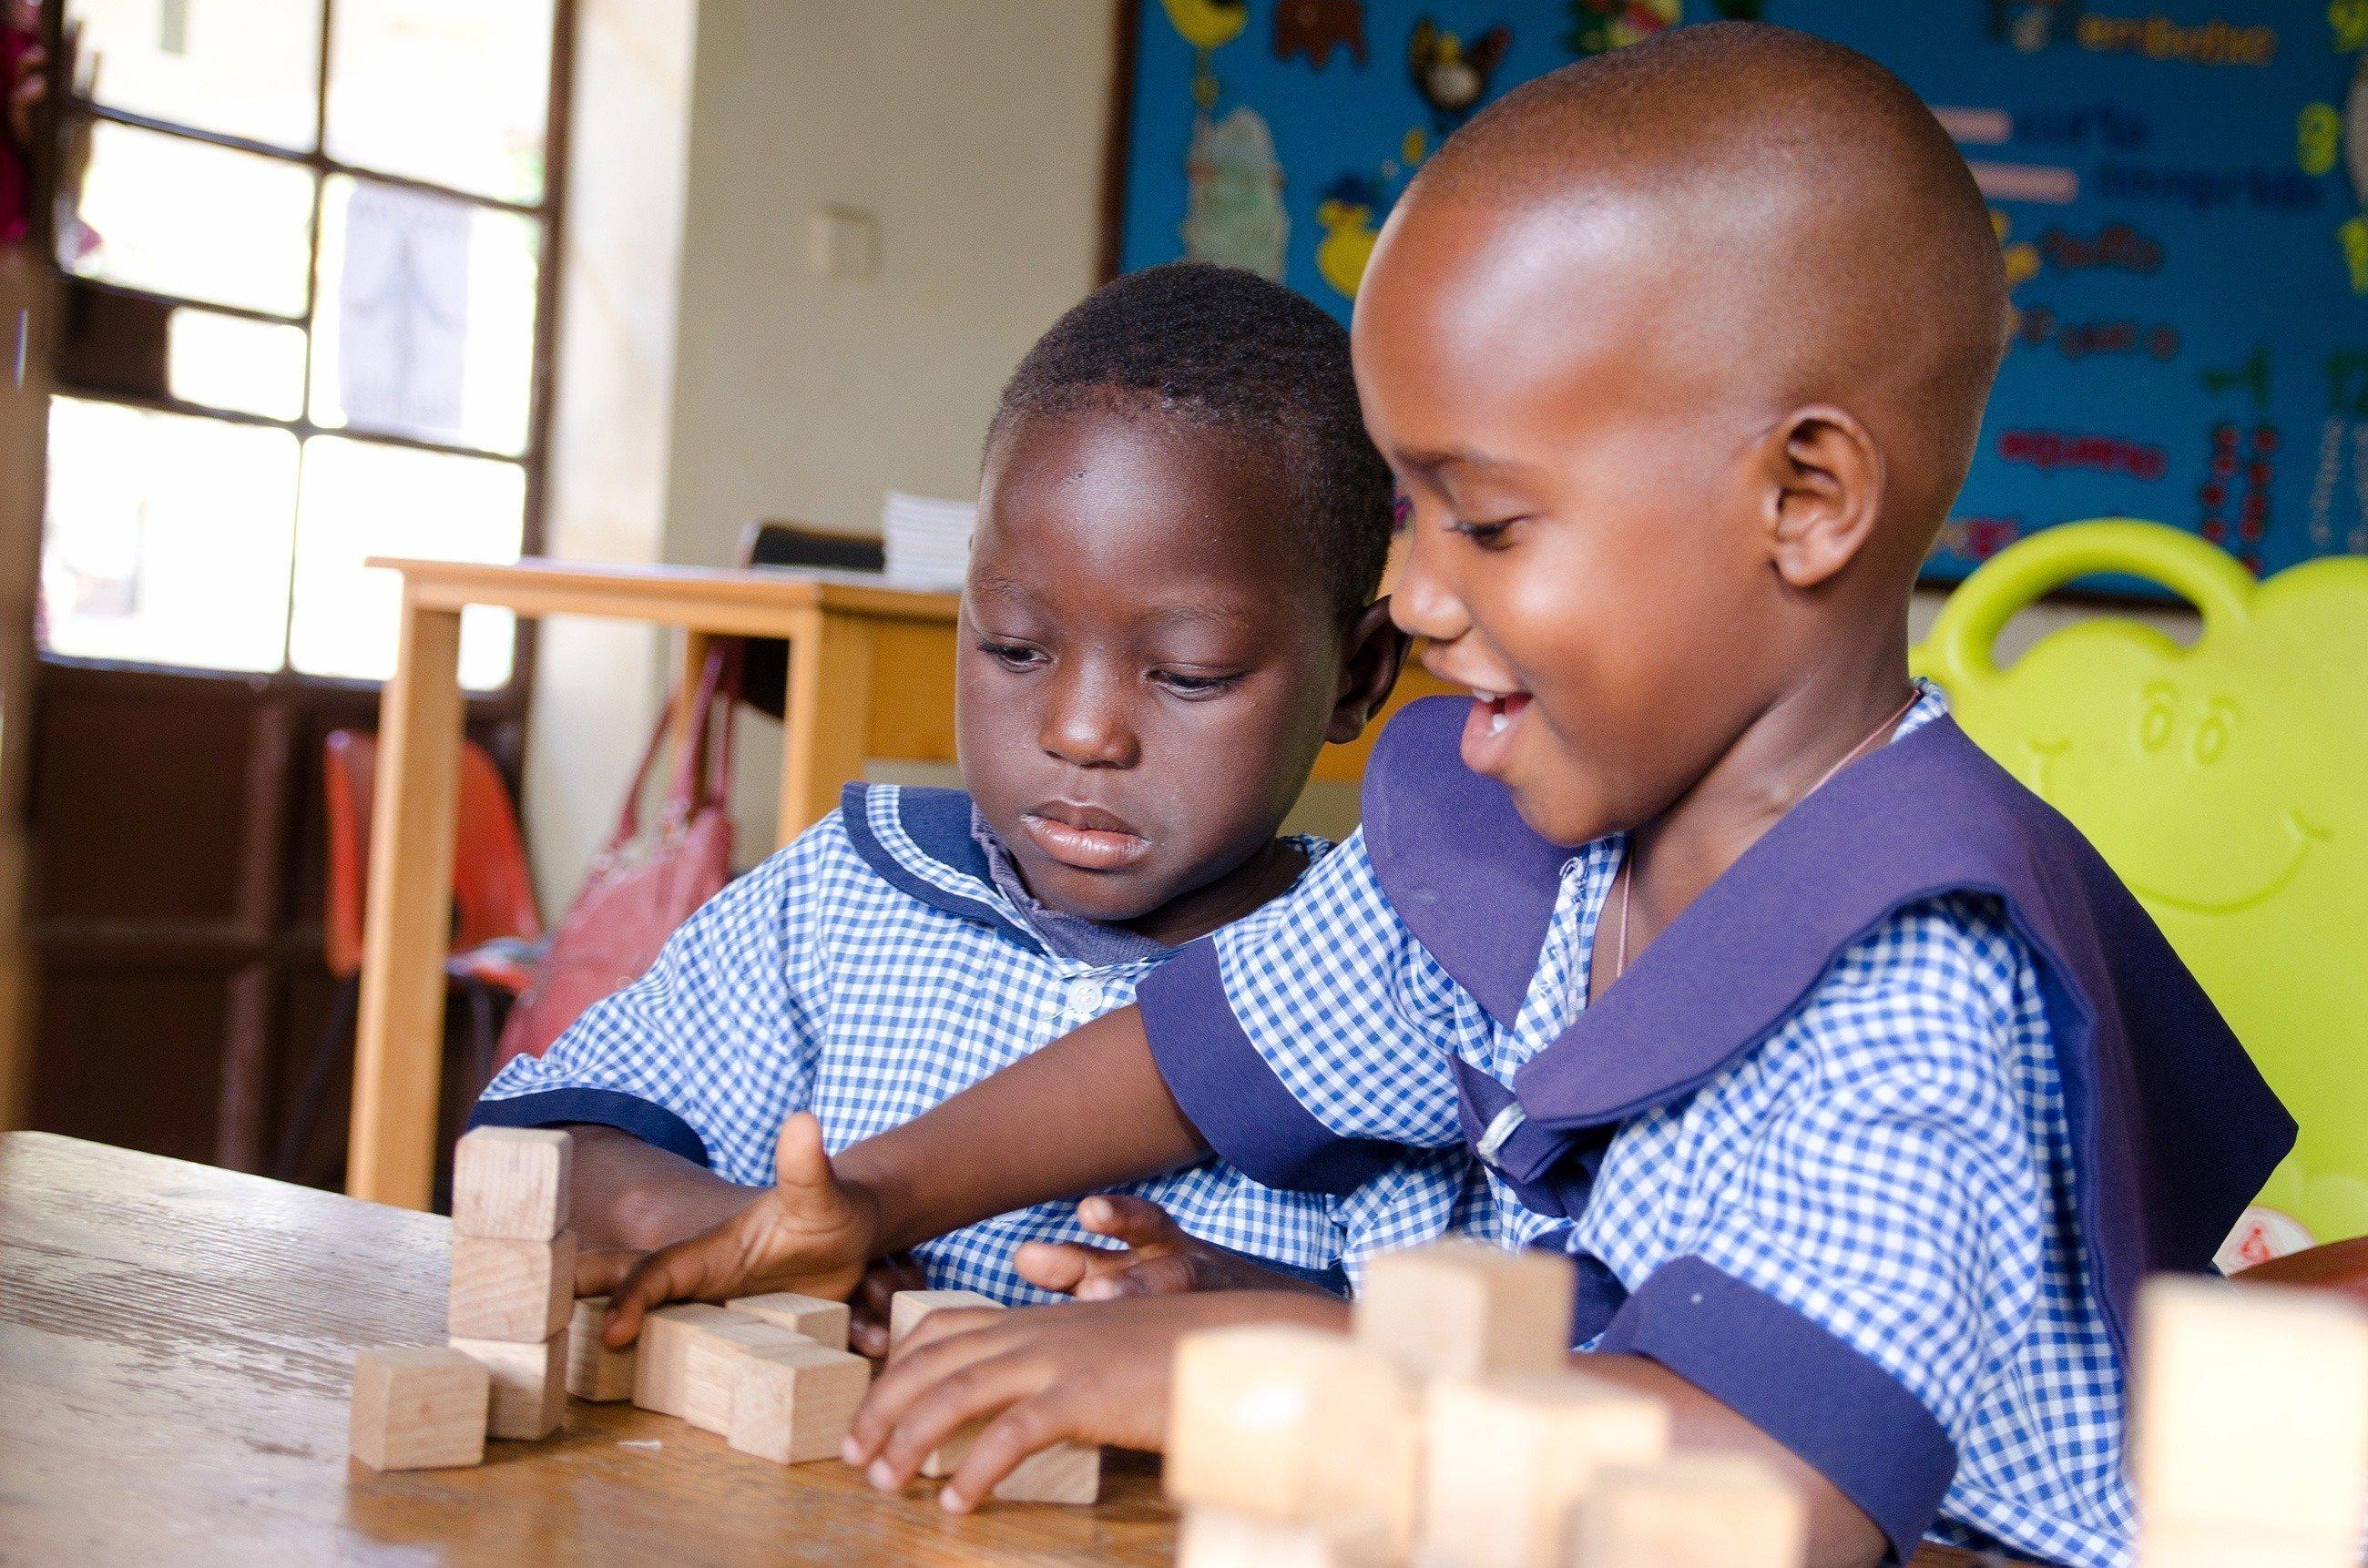 Zwei afrikanische Kinder im Kindergarten spielen mit Bauklötzen.